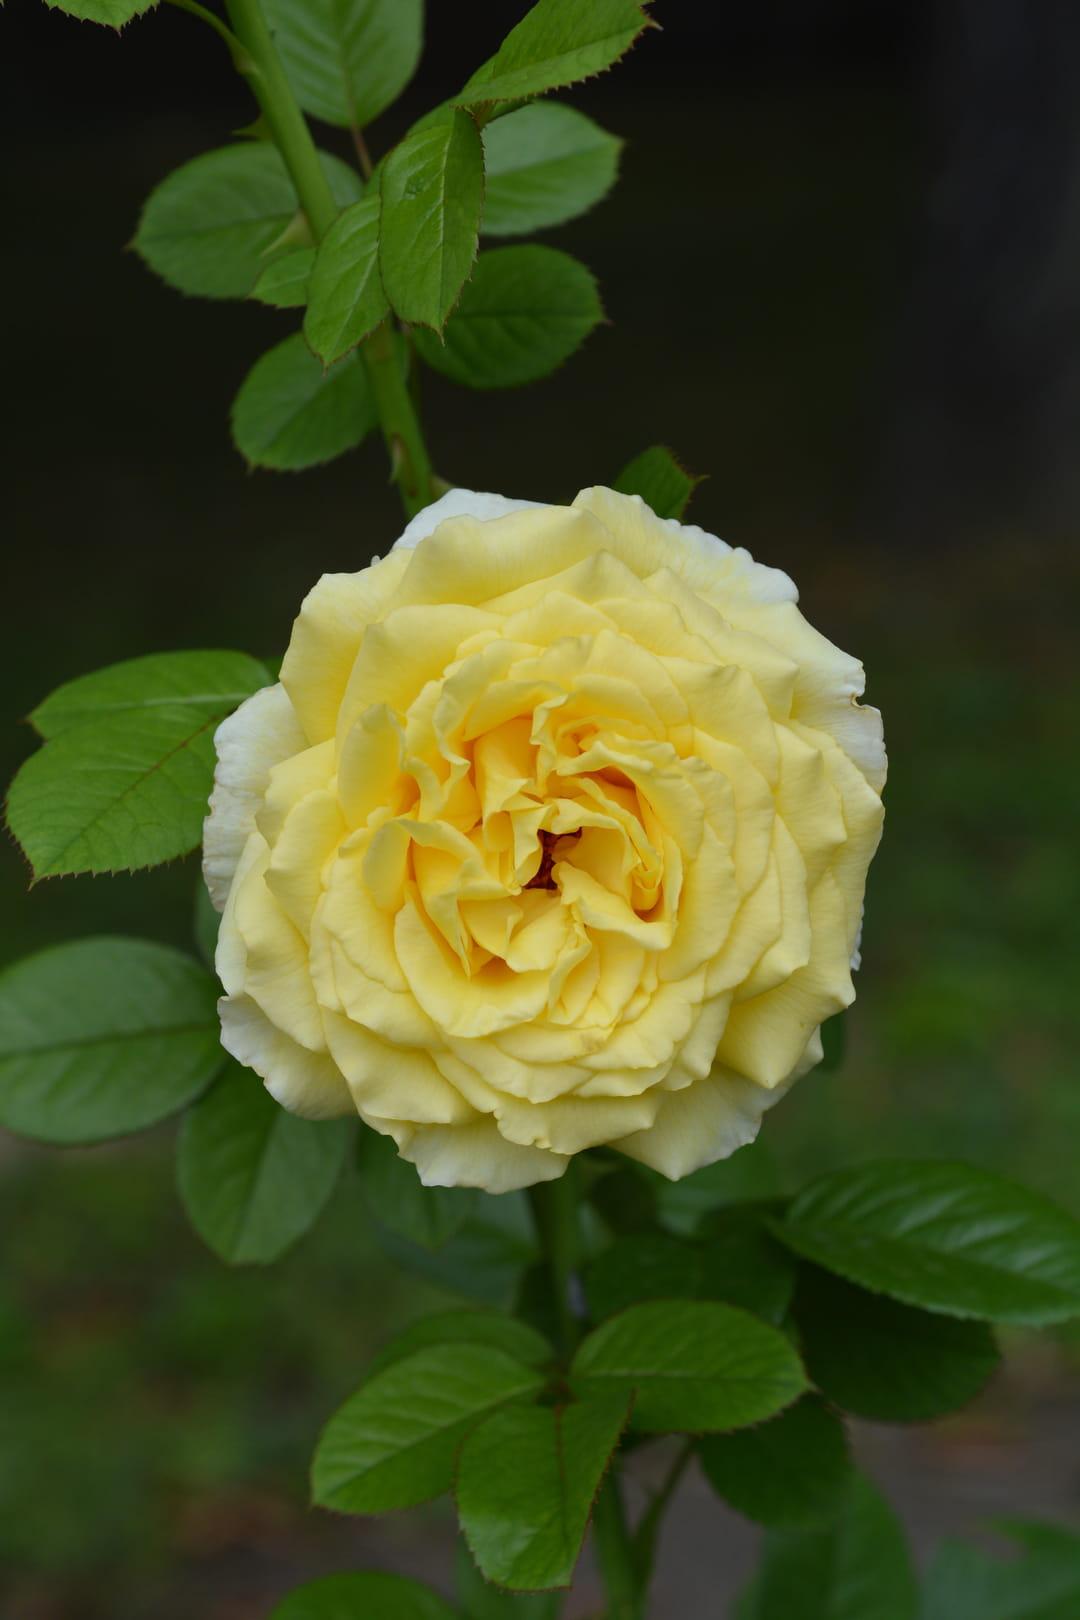 rosier-grimpant-cyrano-de-bergerac